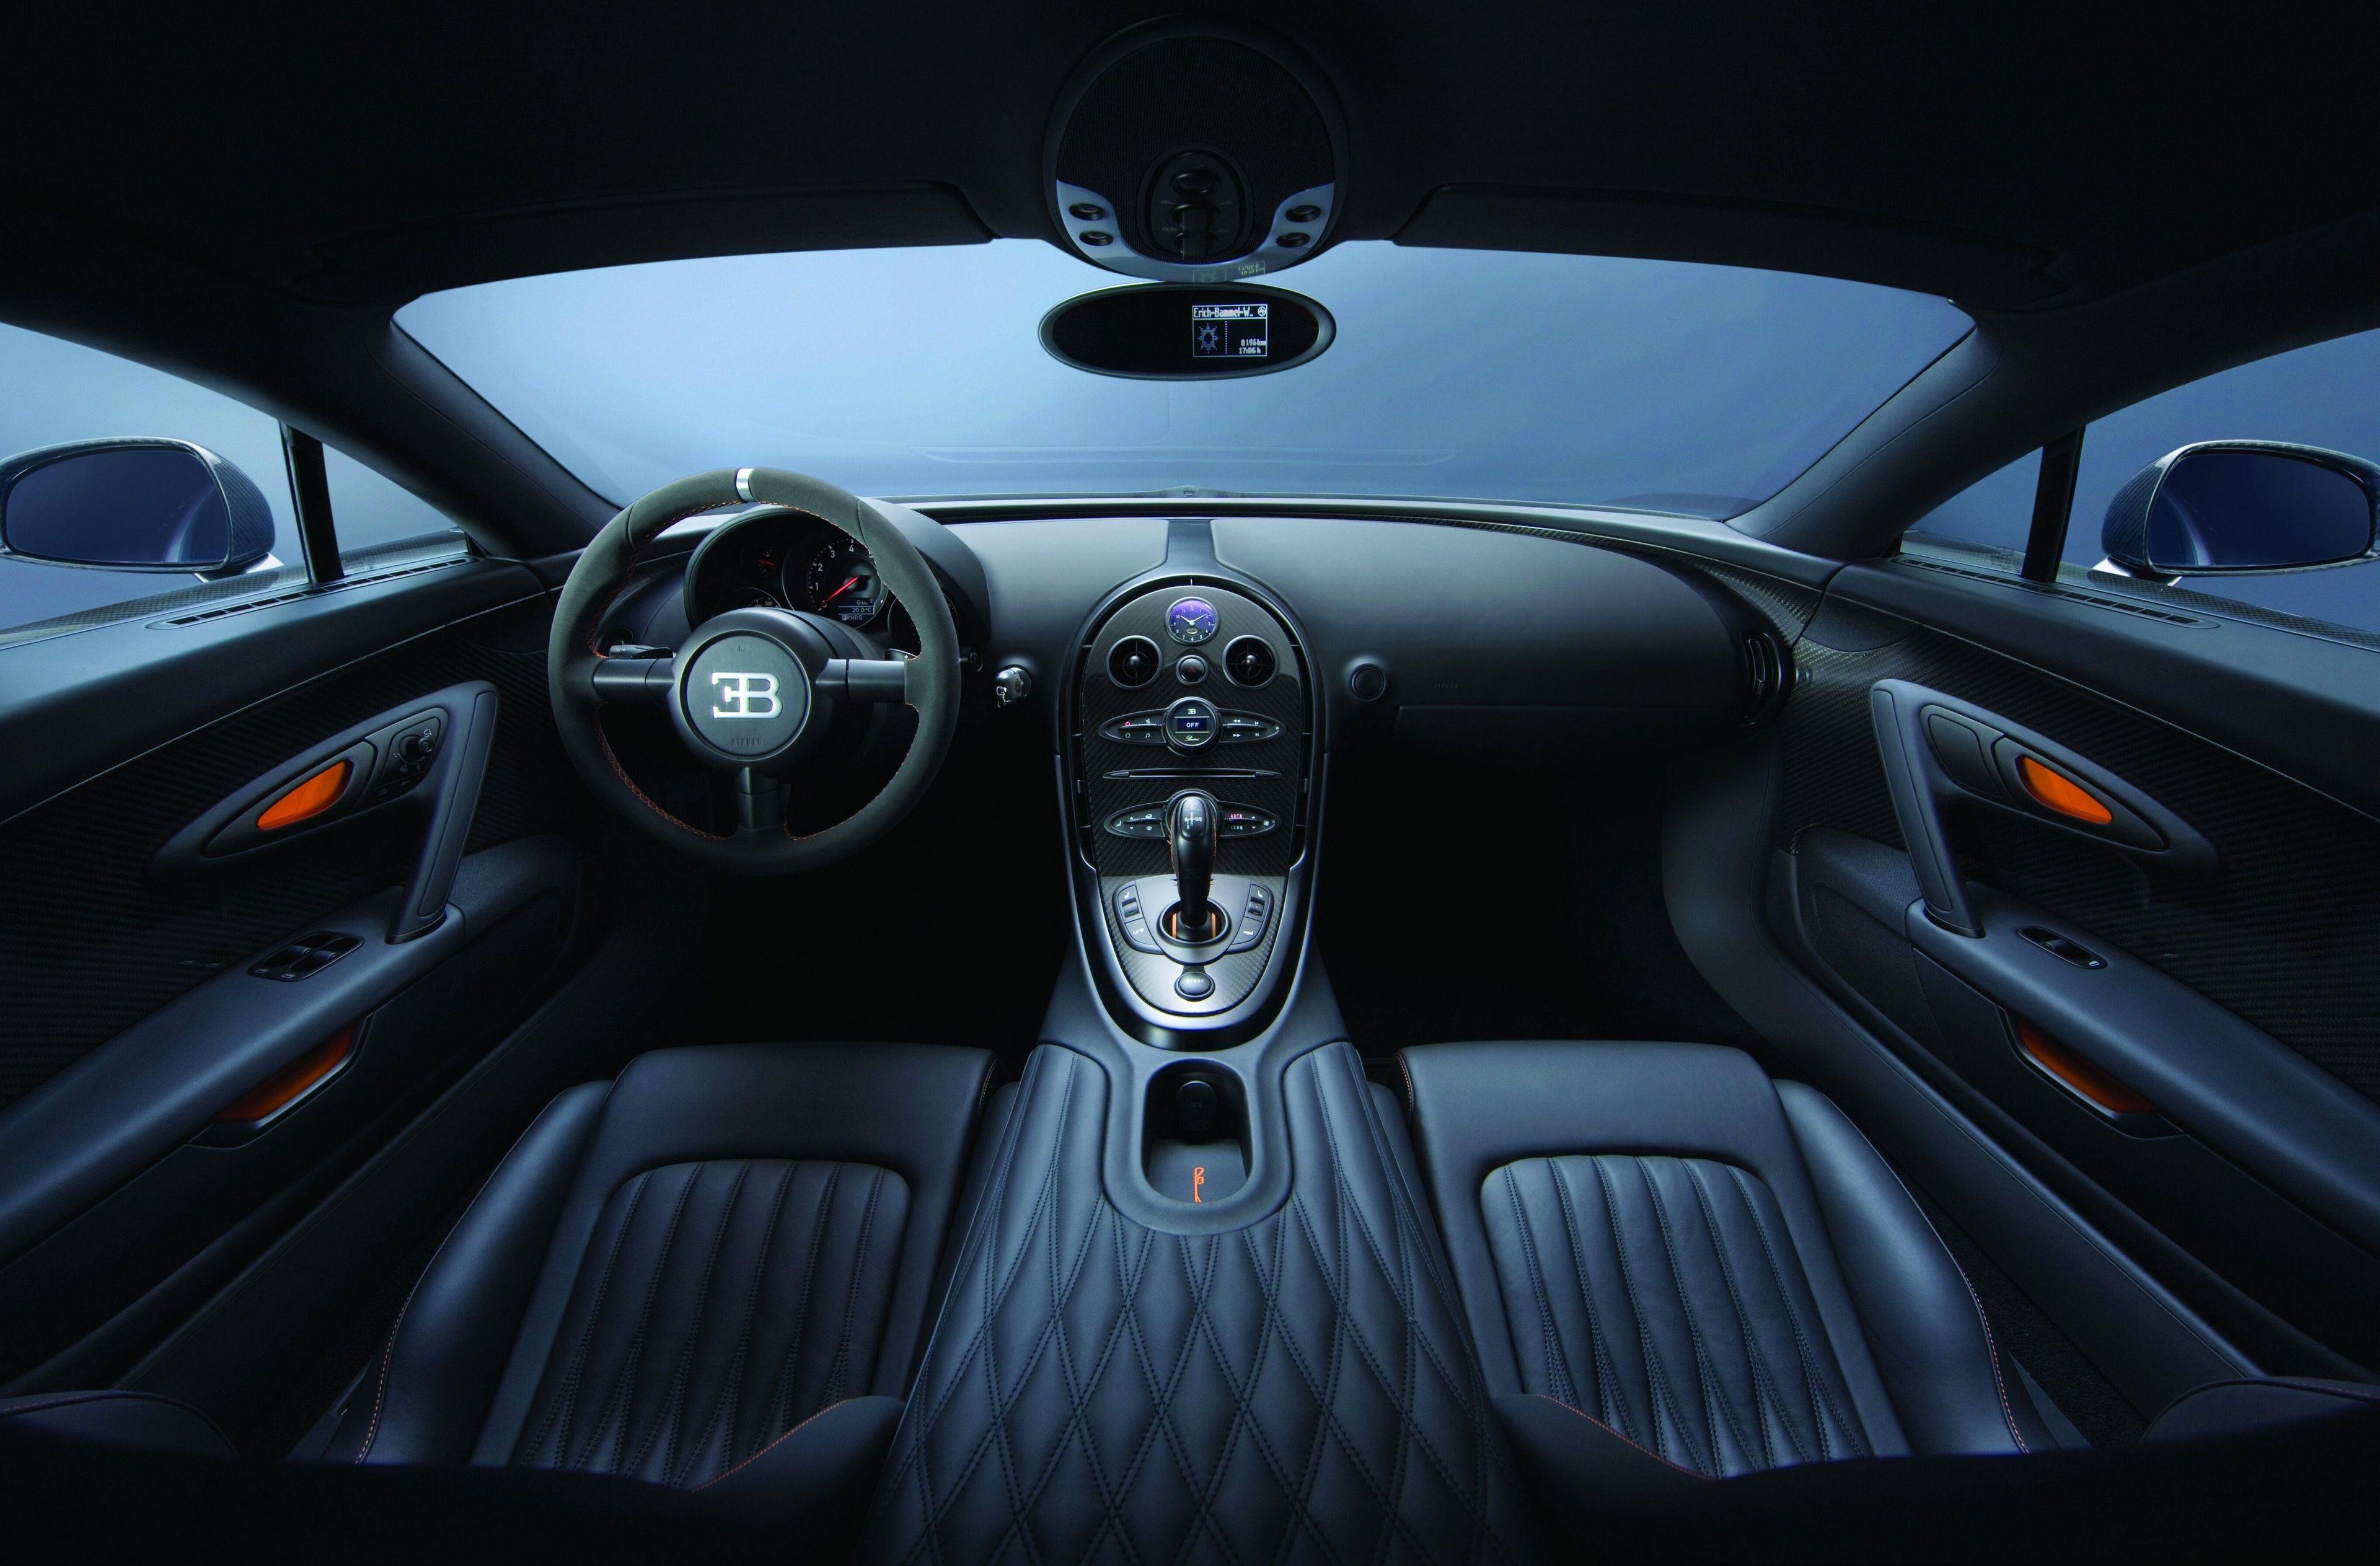 9de6d73430cb32c4ececc6b78f2c16a5 Interesting Bugatti Veyron Price United States Cars Trend